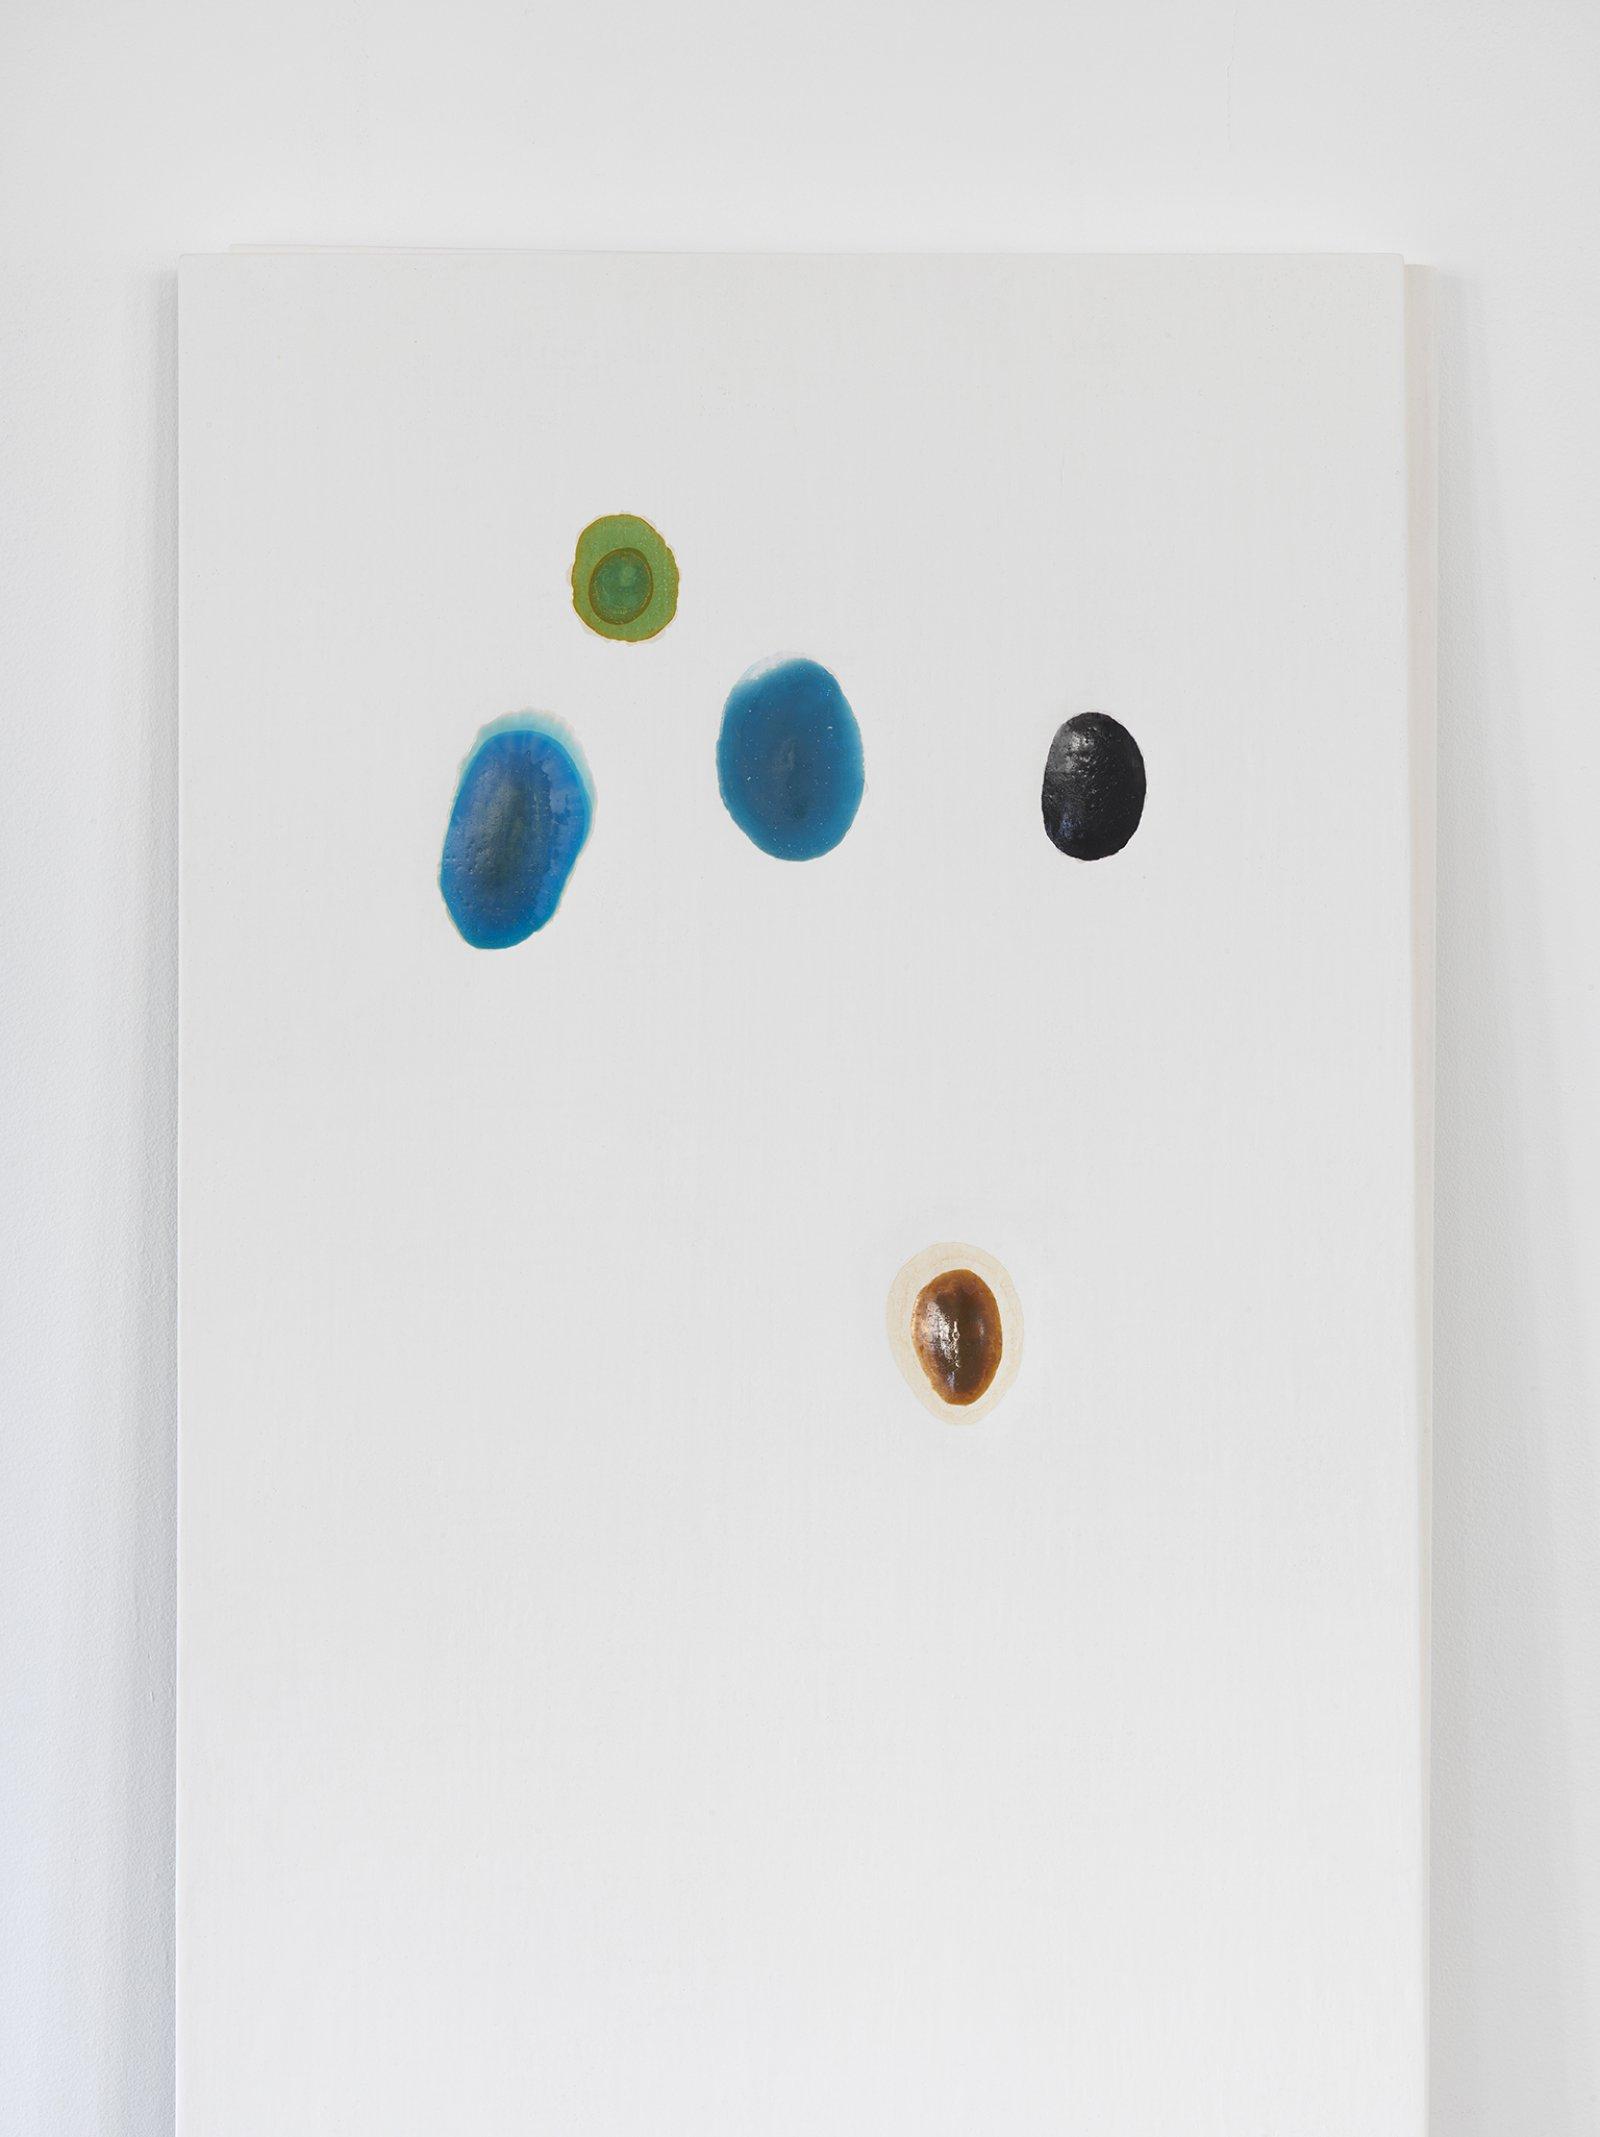 Christina Mackie, Chalk no. 2 (detail), 2014, birch, gesso, watercolour, 78 x 244 in. (198 x 620 cm) by Christina Mackie